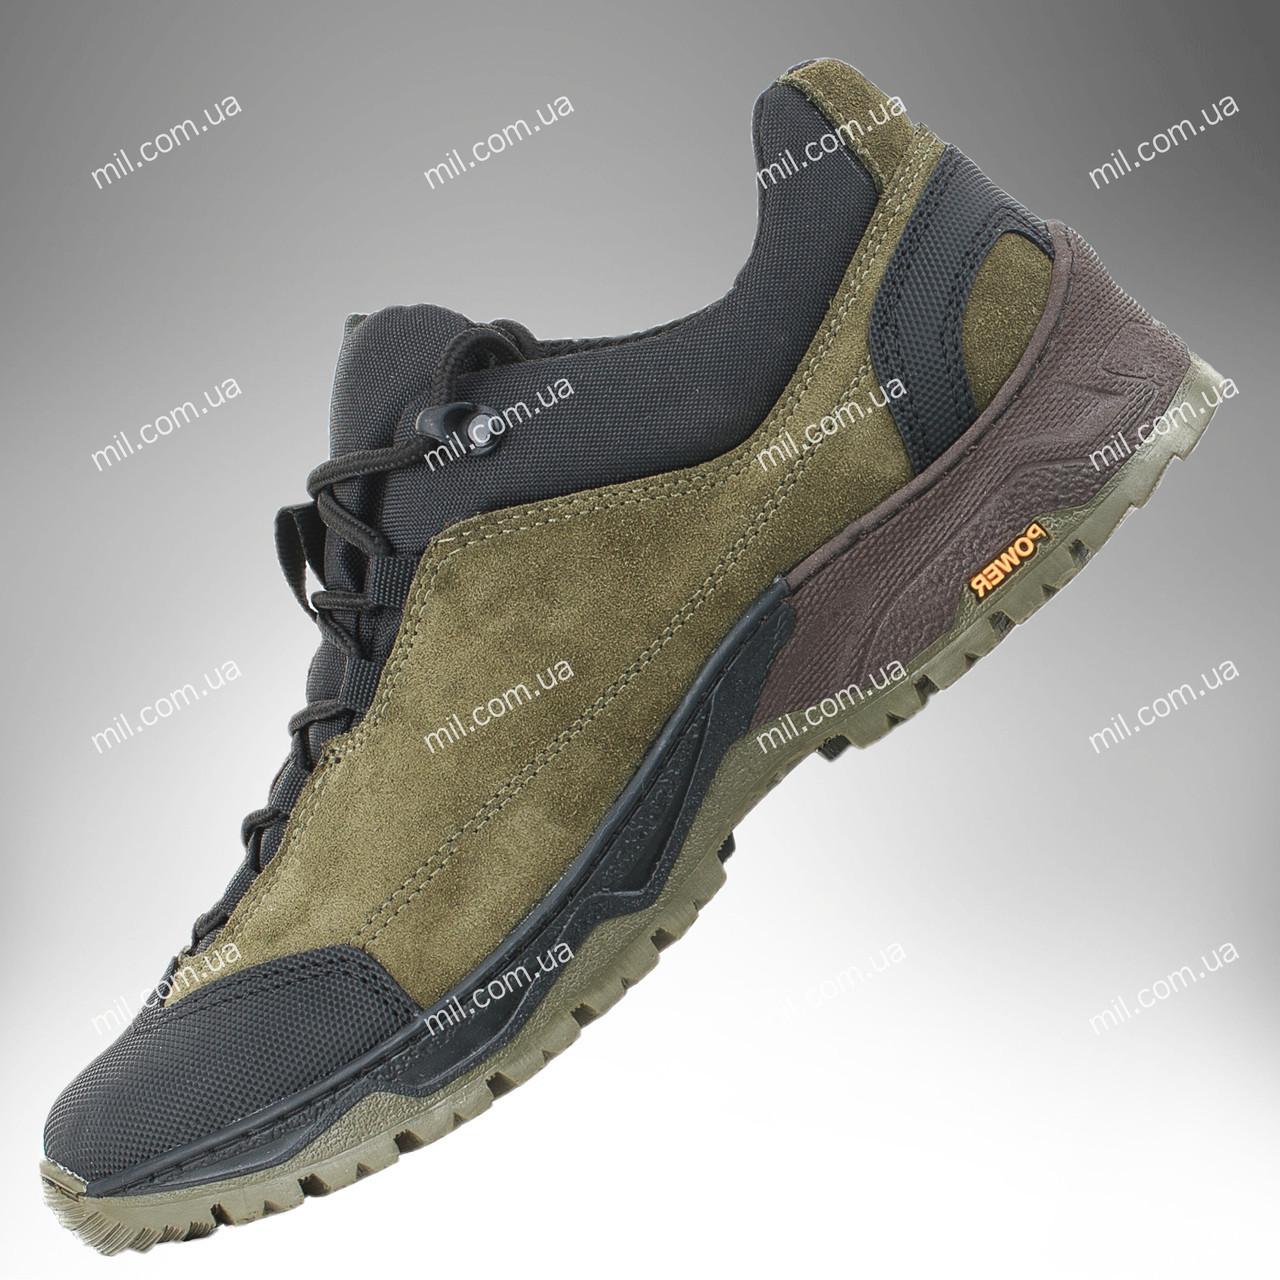 Тактические кроссовки / демисезонная военная обувь Trooper CROC Gen.II (olive)